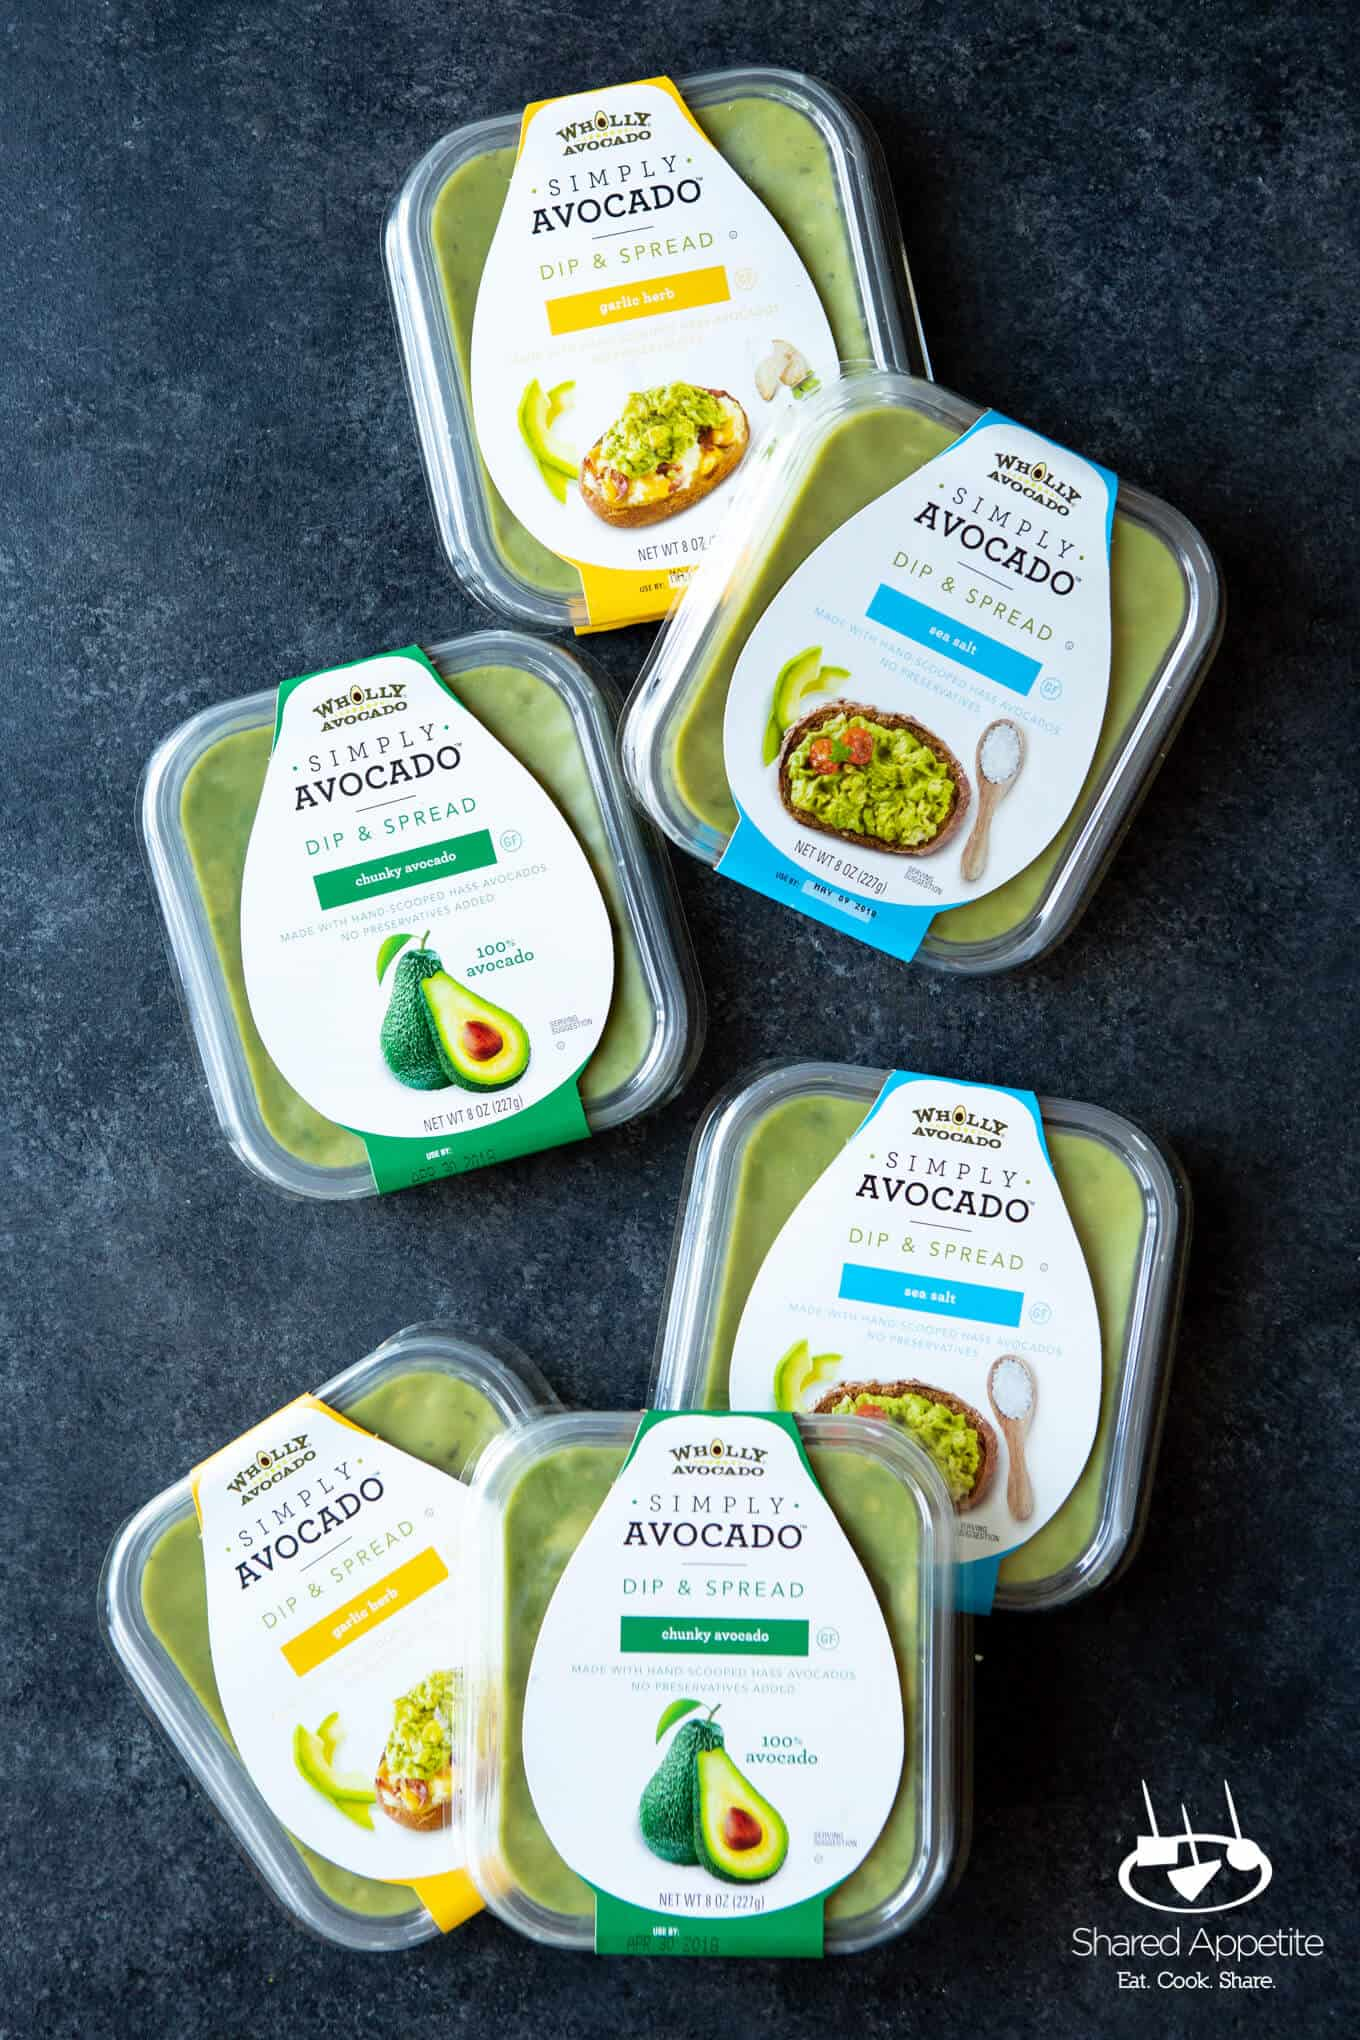 simply avocado for Elotes Avocado Toast with a Fried Egg   sharedappetite.com